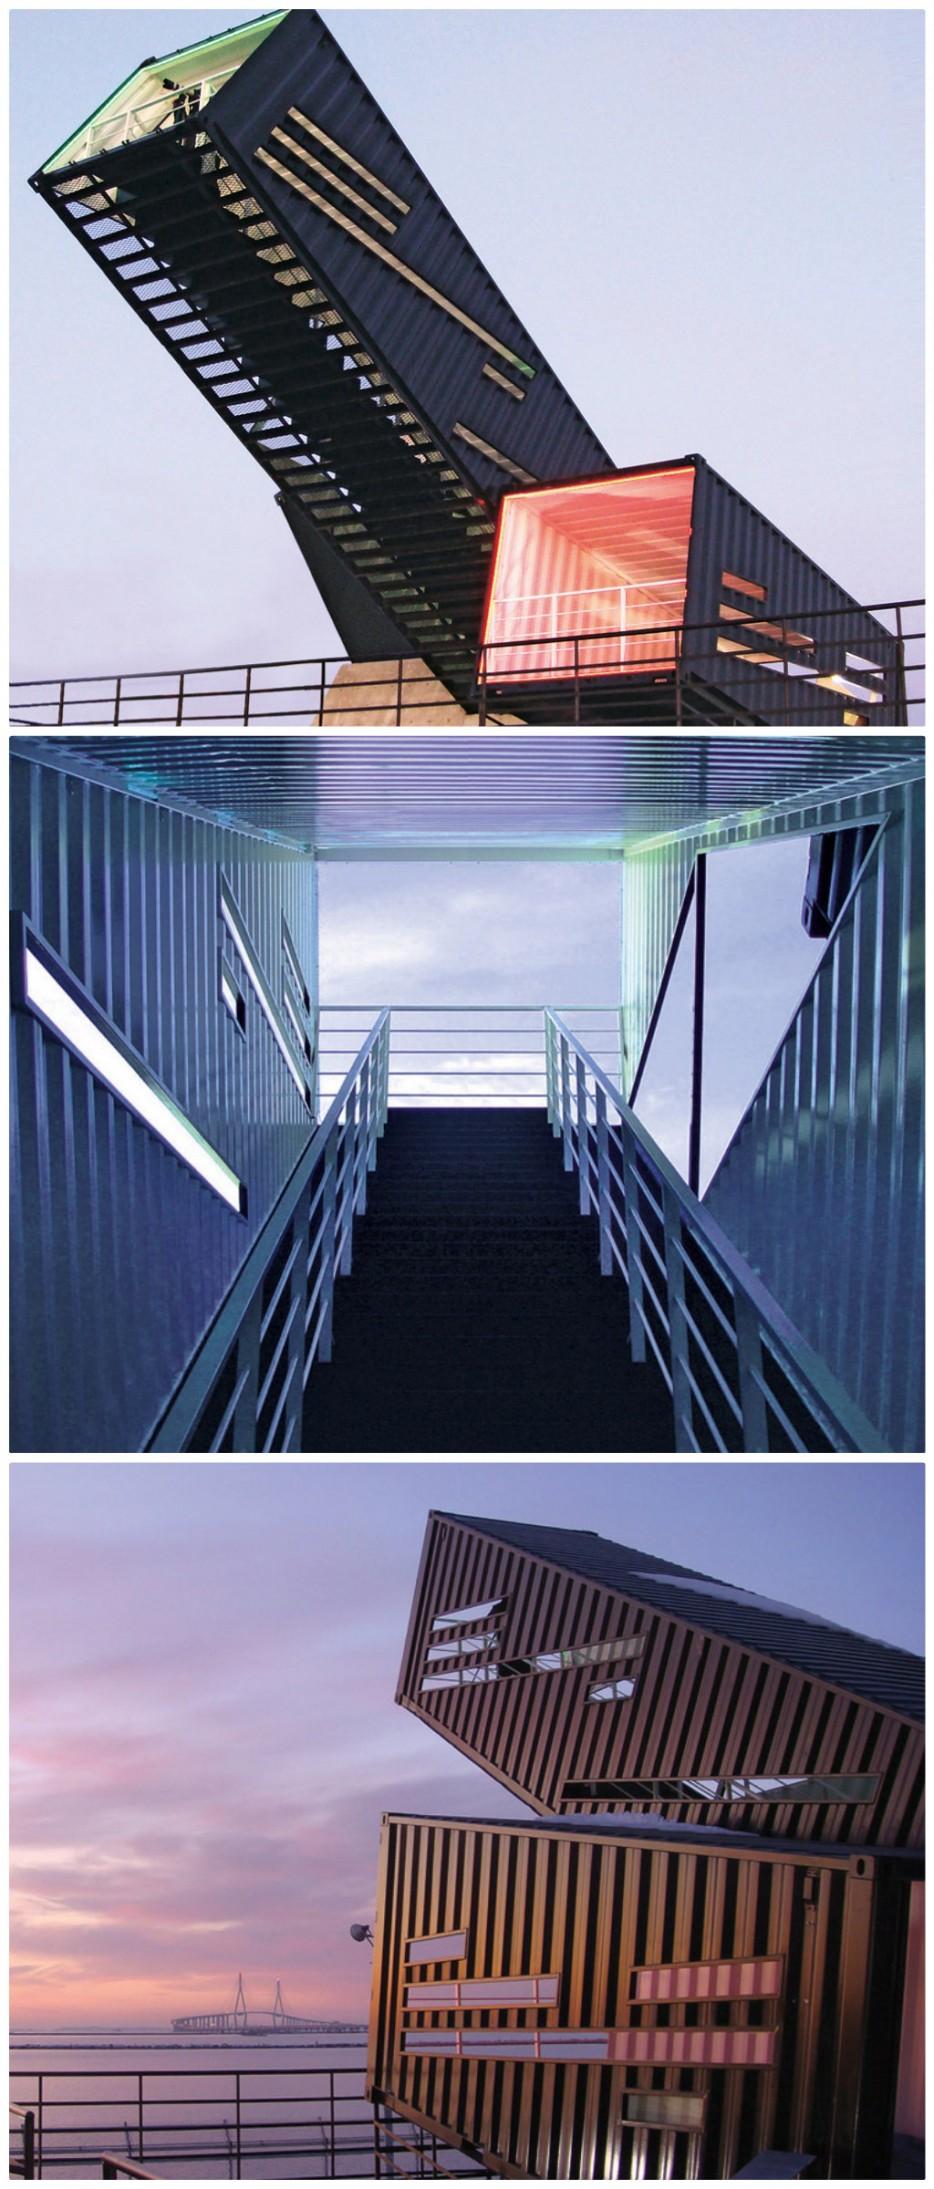 12. 海洋觀景天文台(OceanScope Observatory):南韓(South Korea)